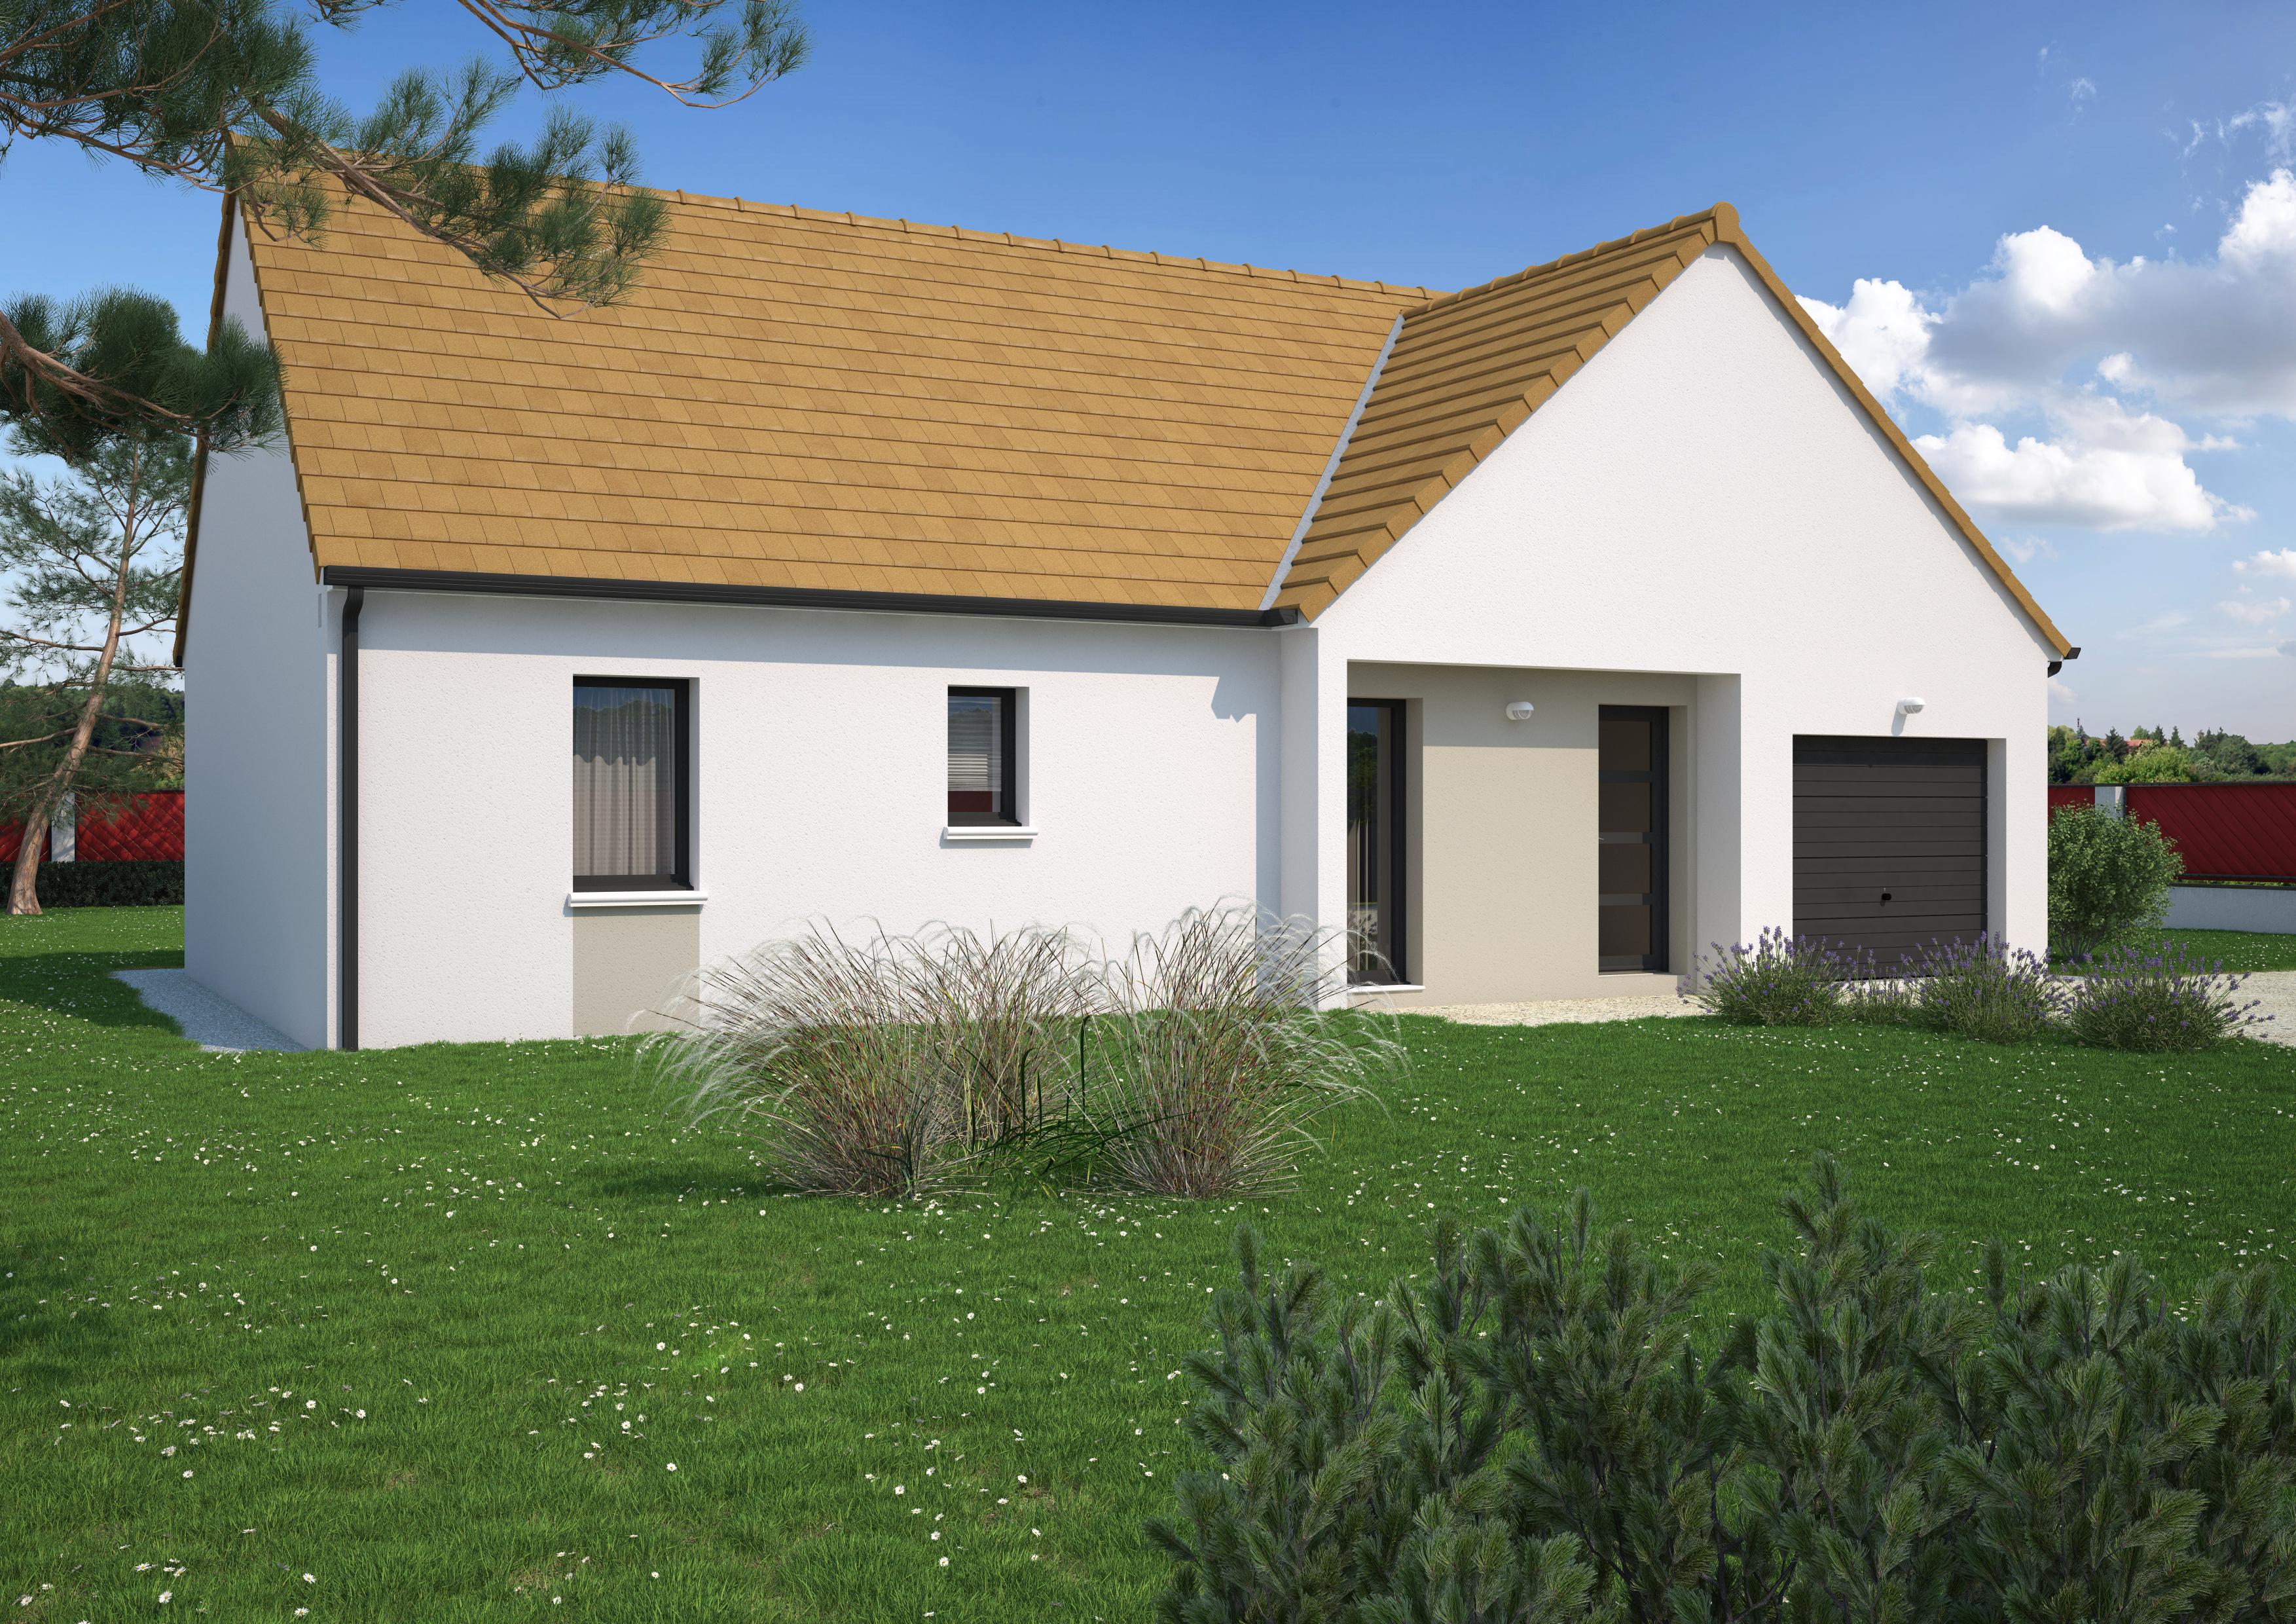 Maison à vendre à Arnay-le-Duc